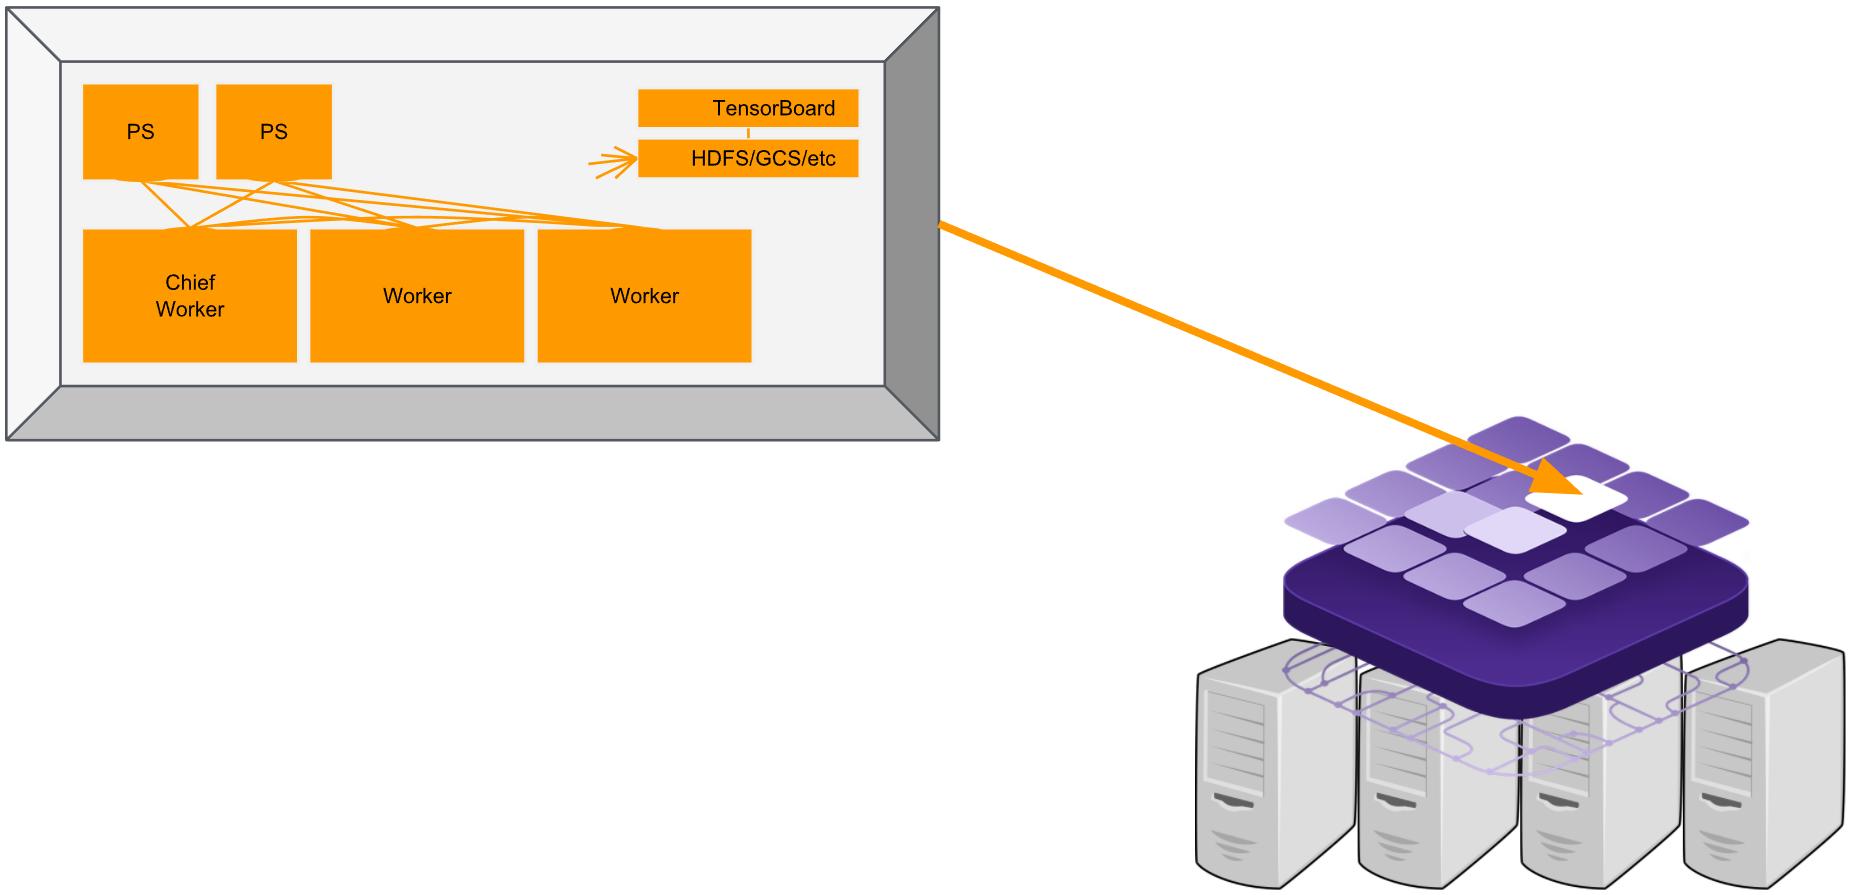 dcos-tensorflow   SDK framework to run TensorFlow on DC/OS